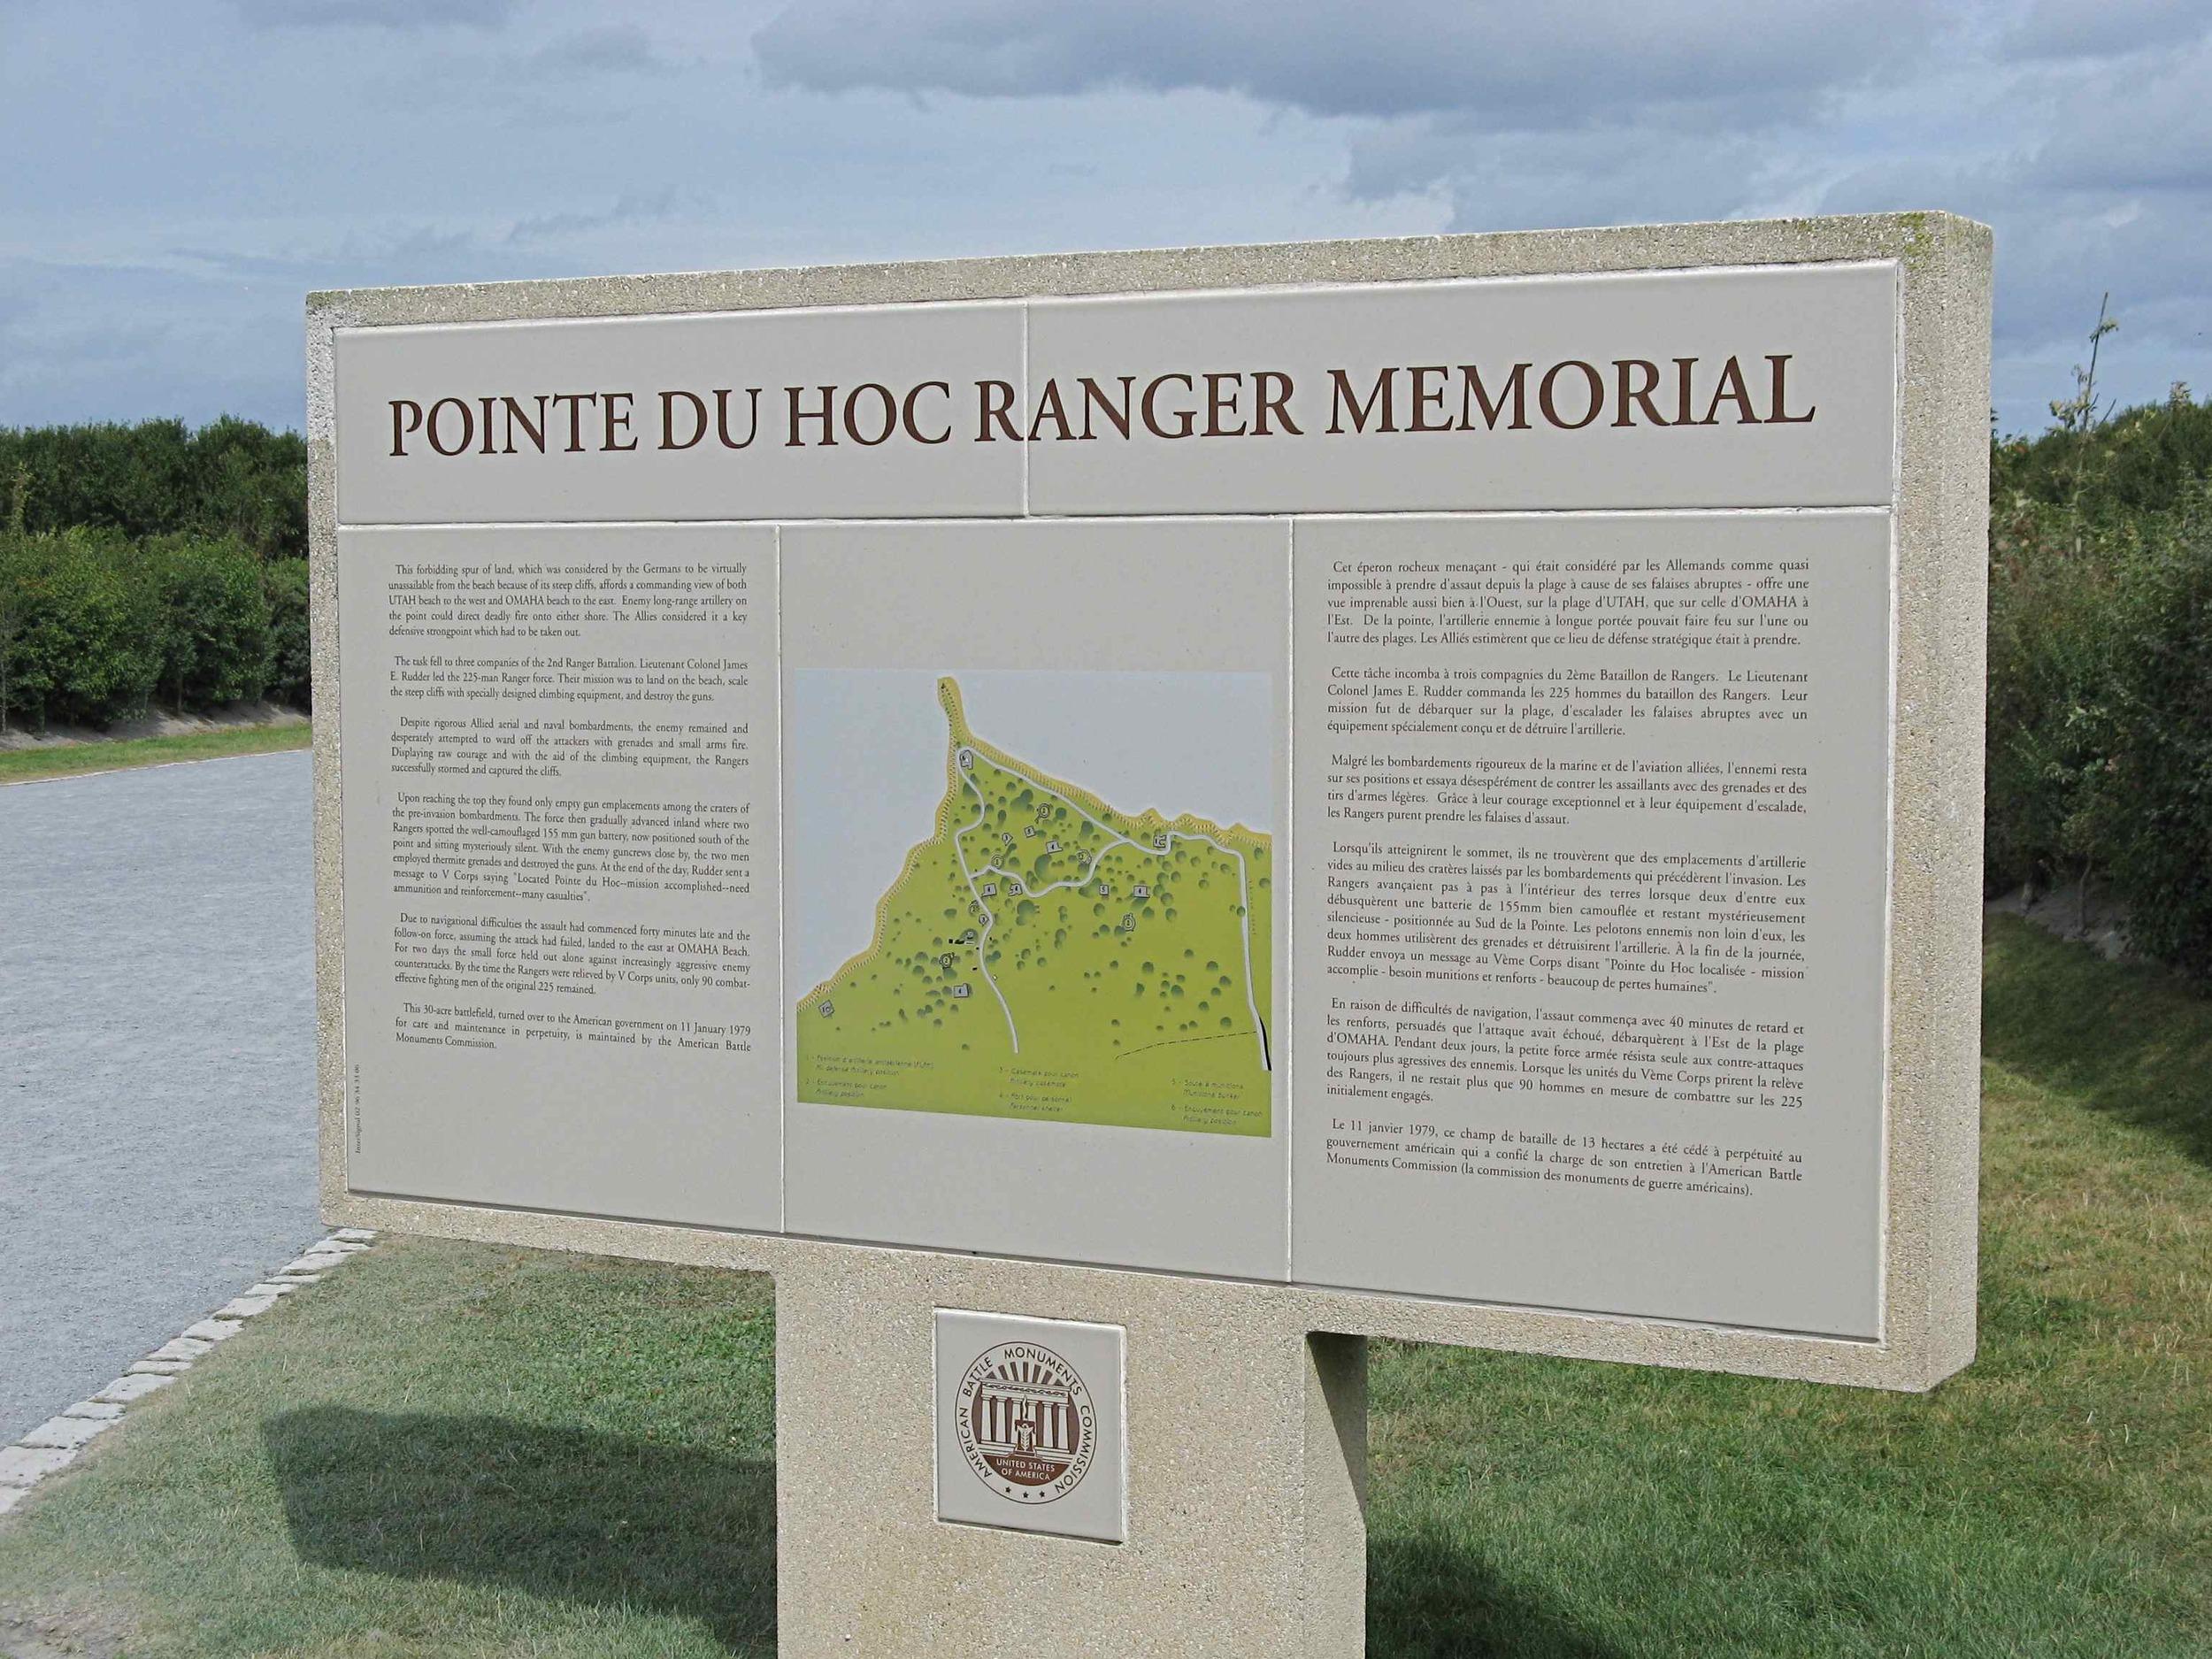 Pointe du Hoc sign